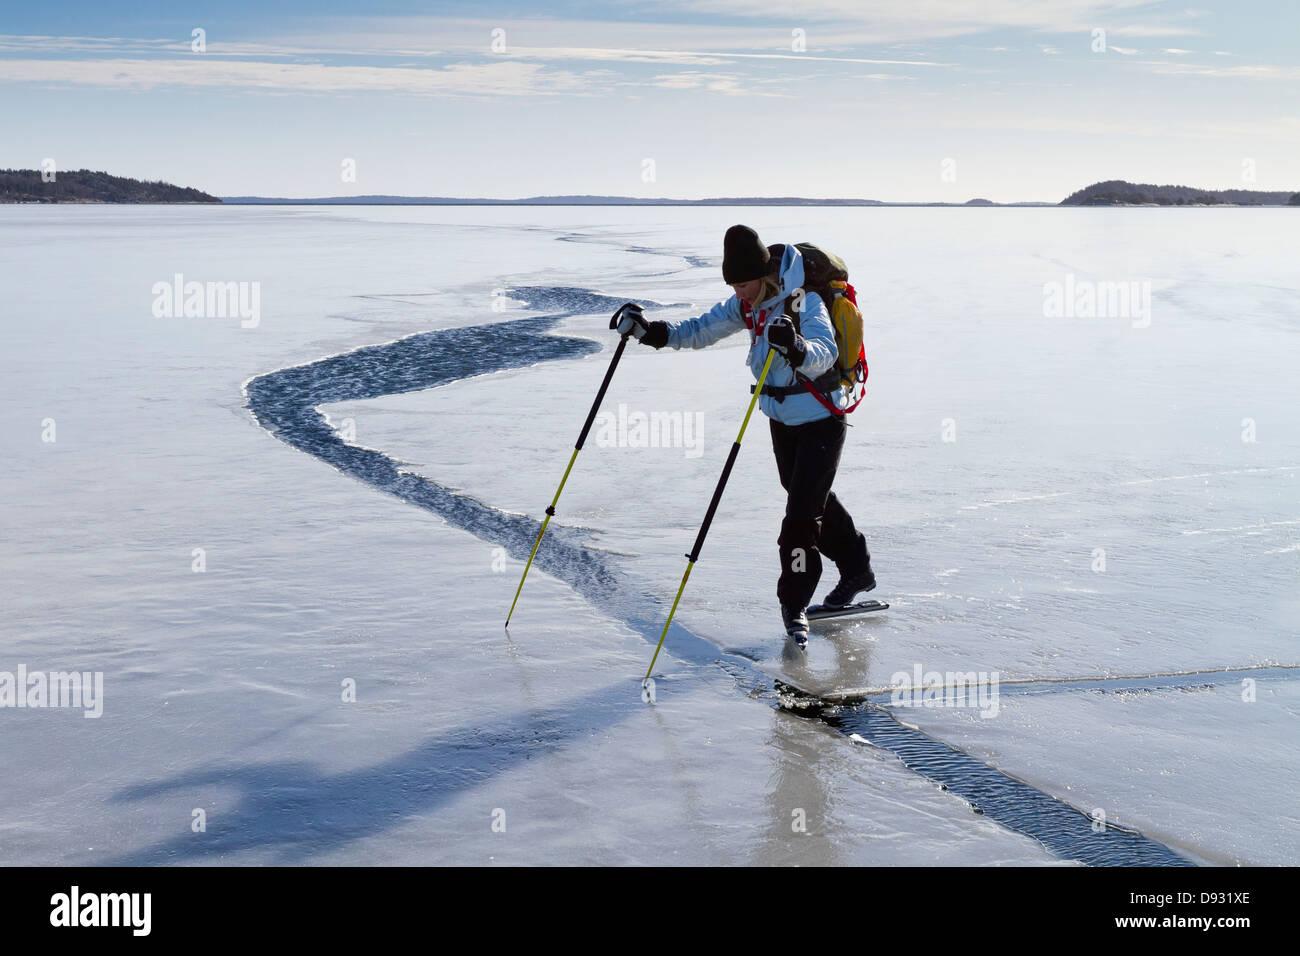 Persona pattinaggio sul mare congelato Immagini Stock